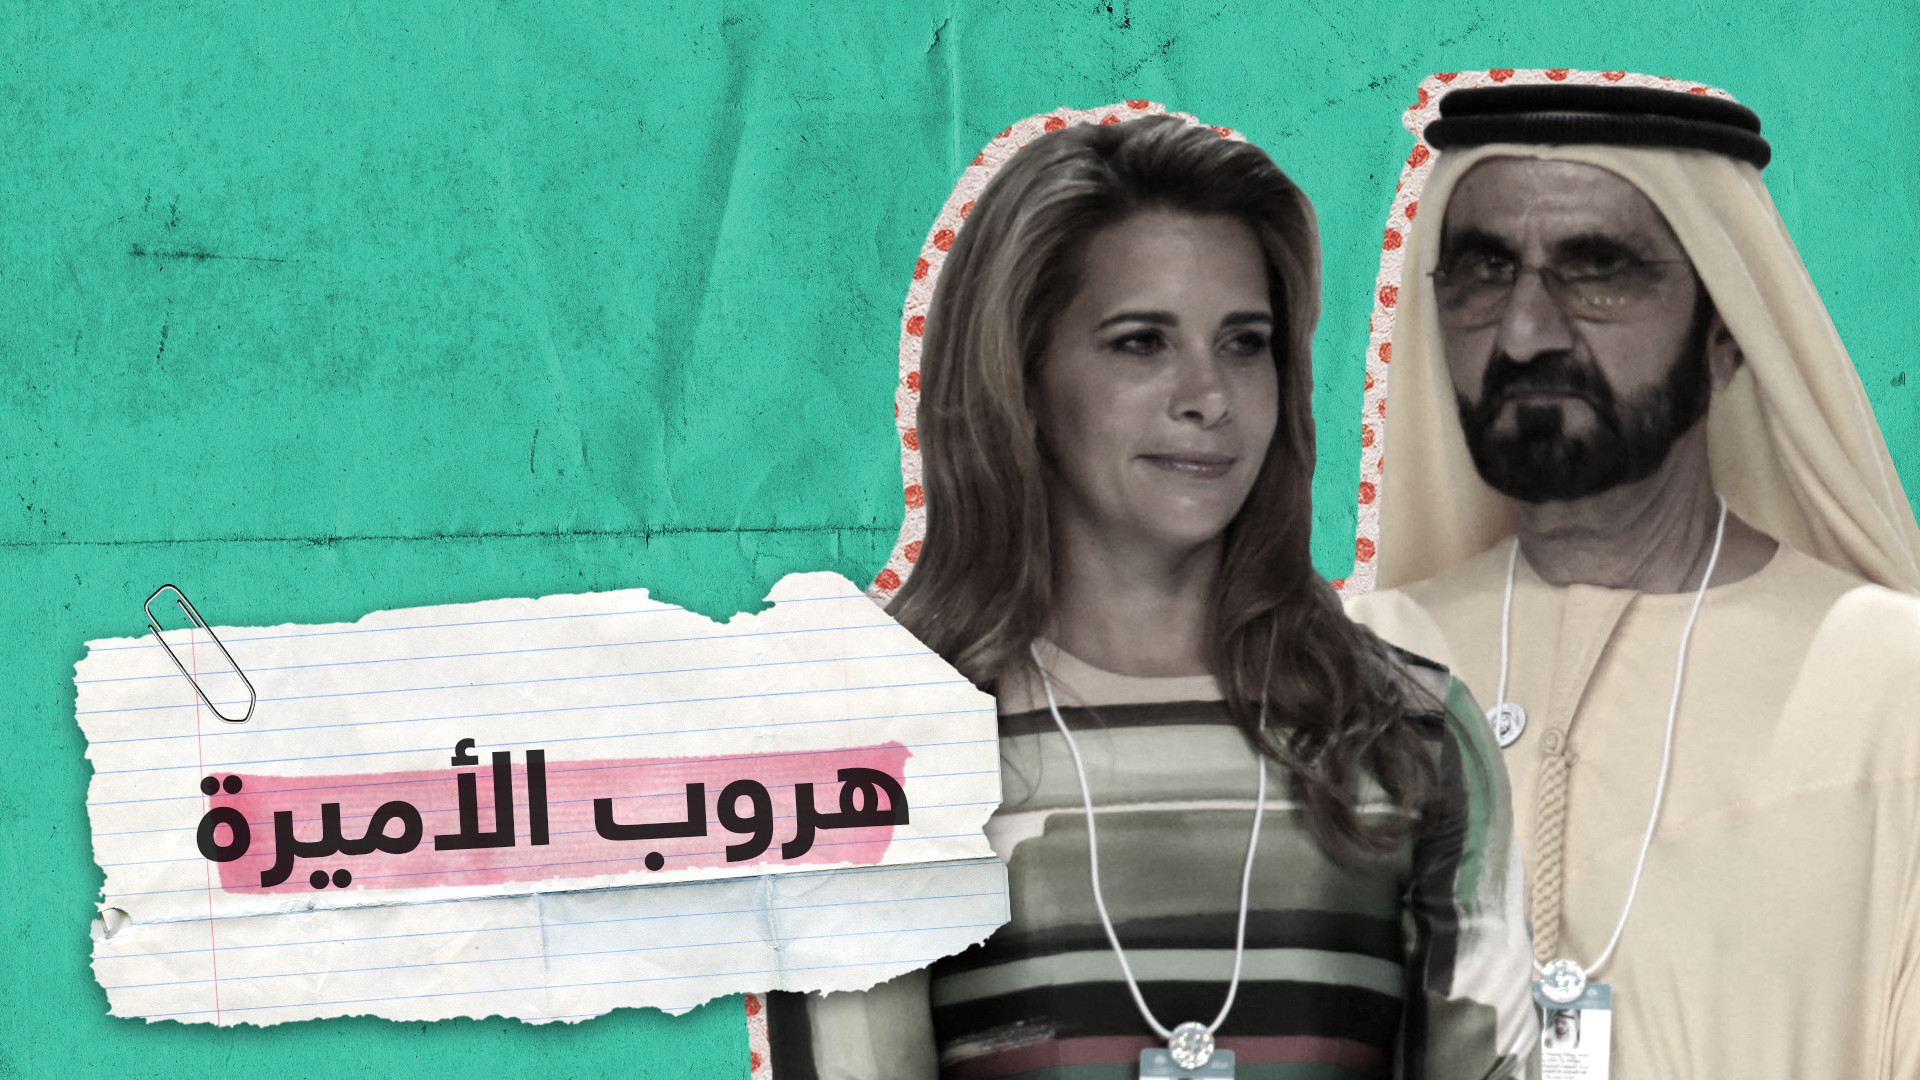 هروب الأميرة.. ما حقيقة مغادرة زوجة حاكم دبي لألمانيا؟